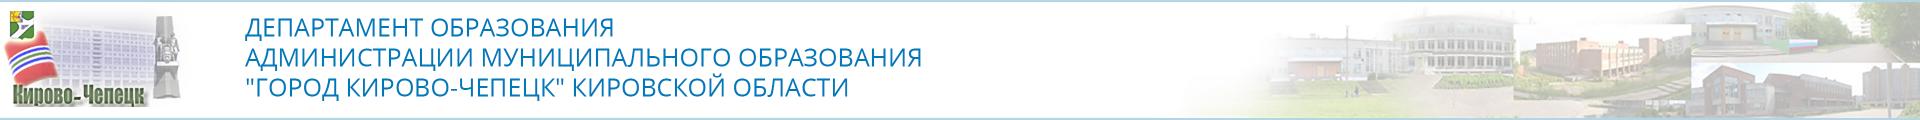 """ДЕПАРТАМЕНТ ОБРАЗОВАНИЯ АДМИНИСТРАЦИИ МУНИЦИПАЛЬНОГО ОБРАЗОВАНИЯ  """"ГОРОД КИРОВО-ЧЕПЕЦК"""" КИРОВСКОЙ ОБЛАСТИ"""